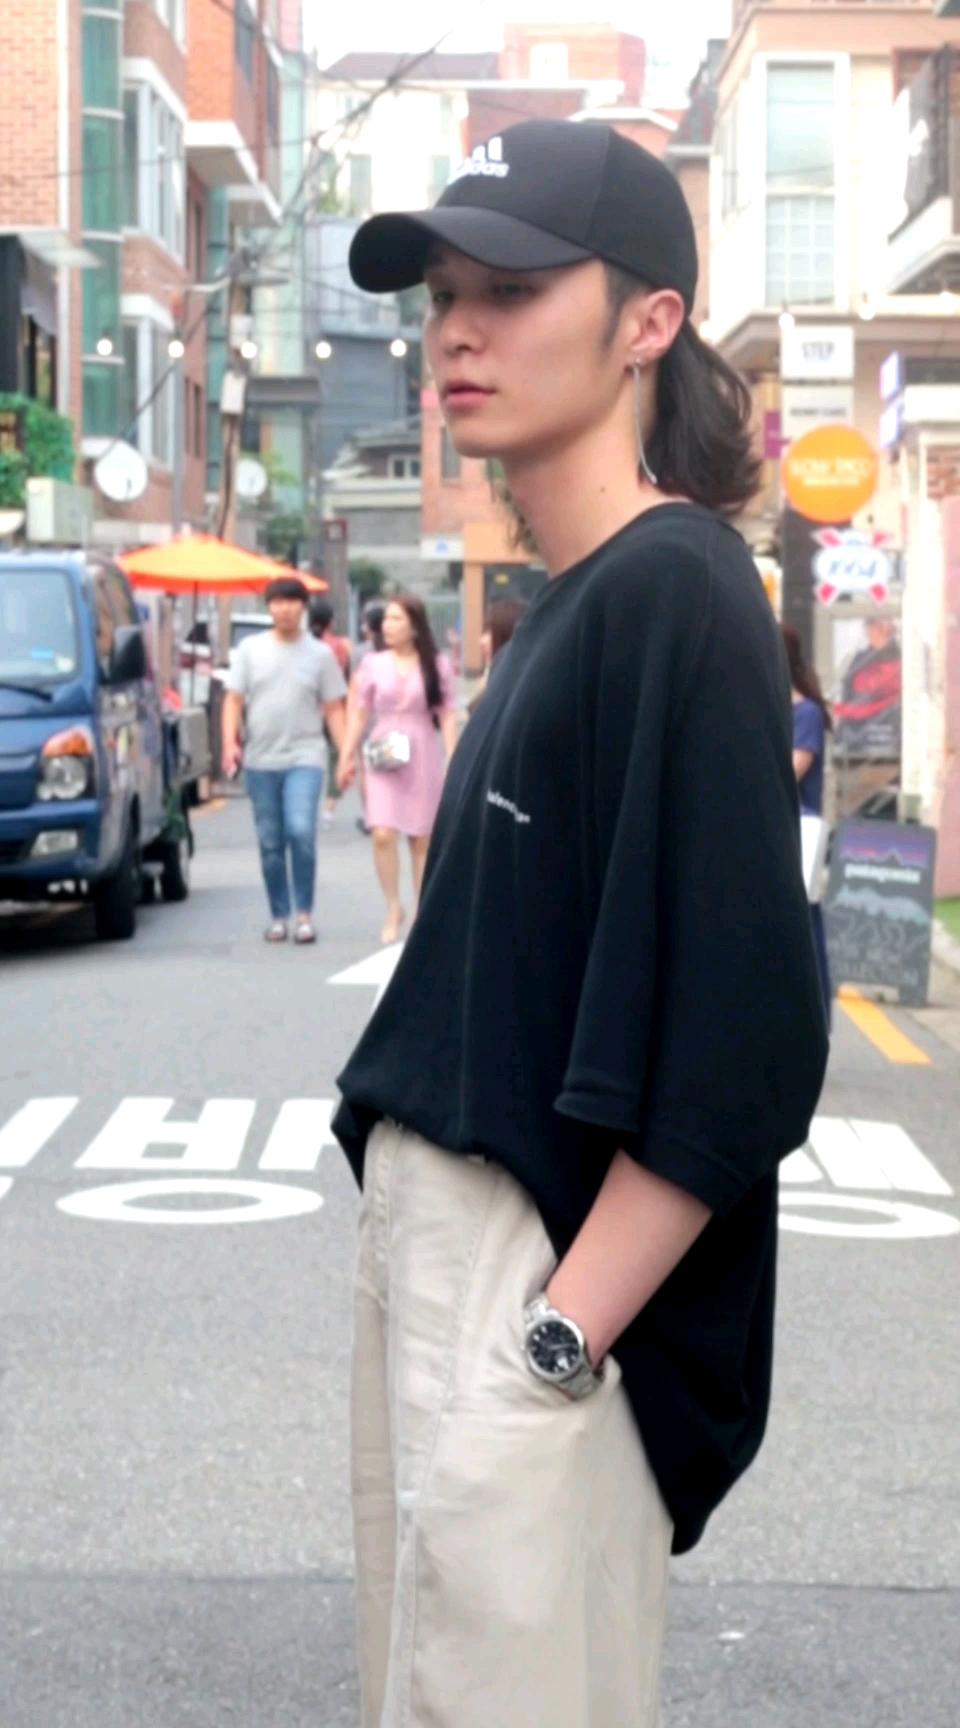 艺术气息爆棚的韩国小哥哥,不是每个男孩子留长发都那么好看的哦!#网红风穿搭look。#